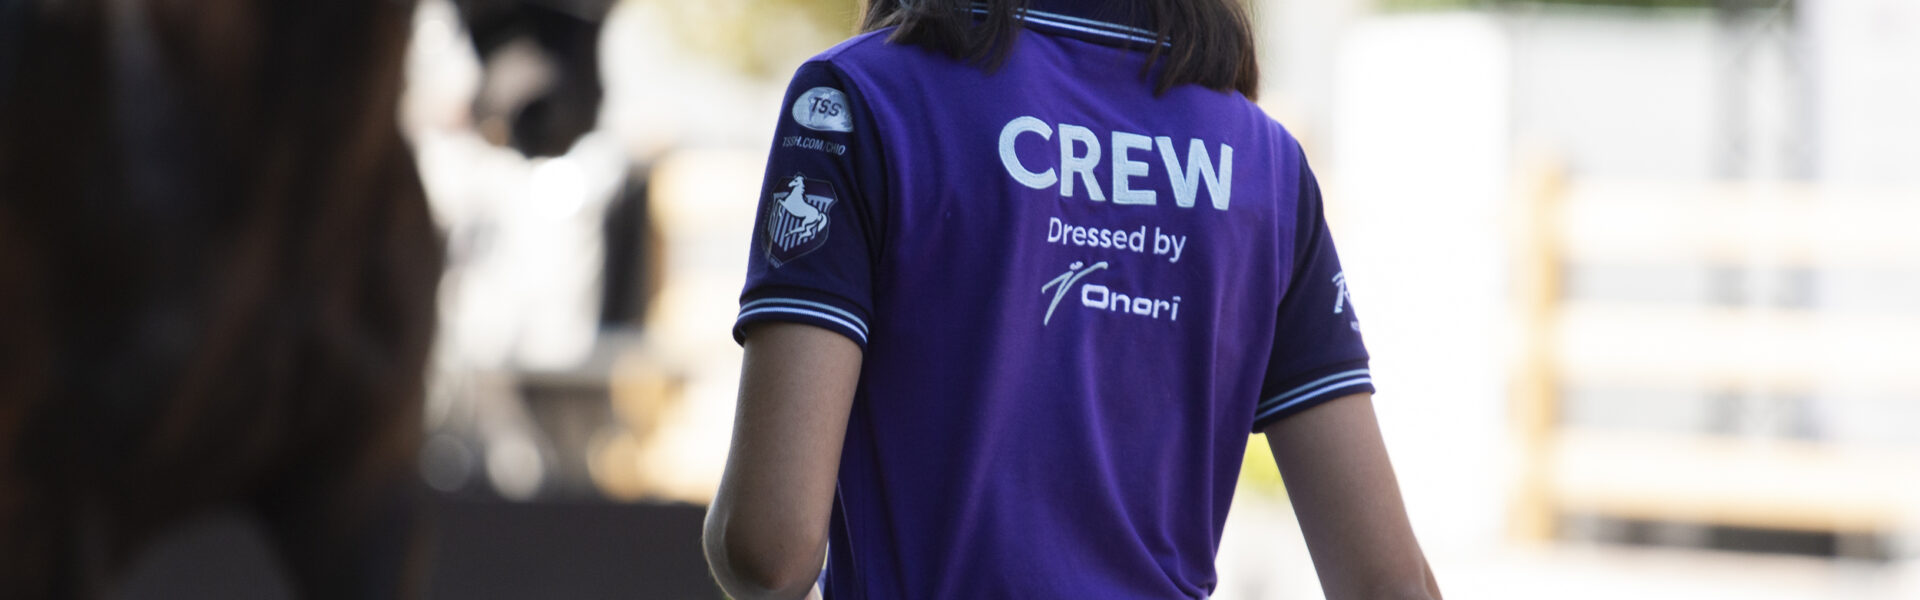 Lvd E Crew shirt sfeer paard runner